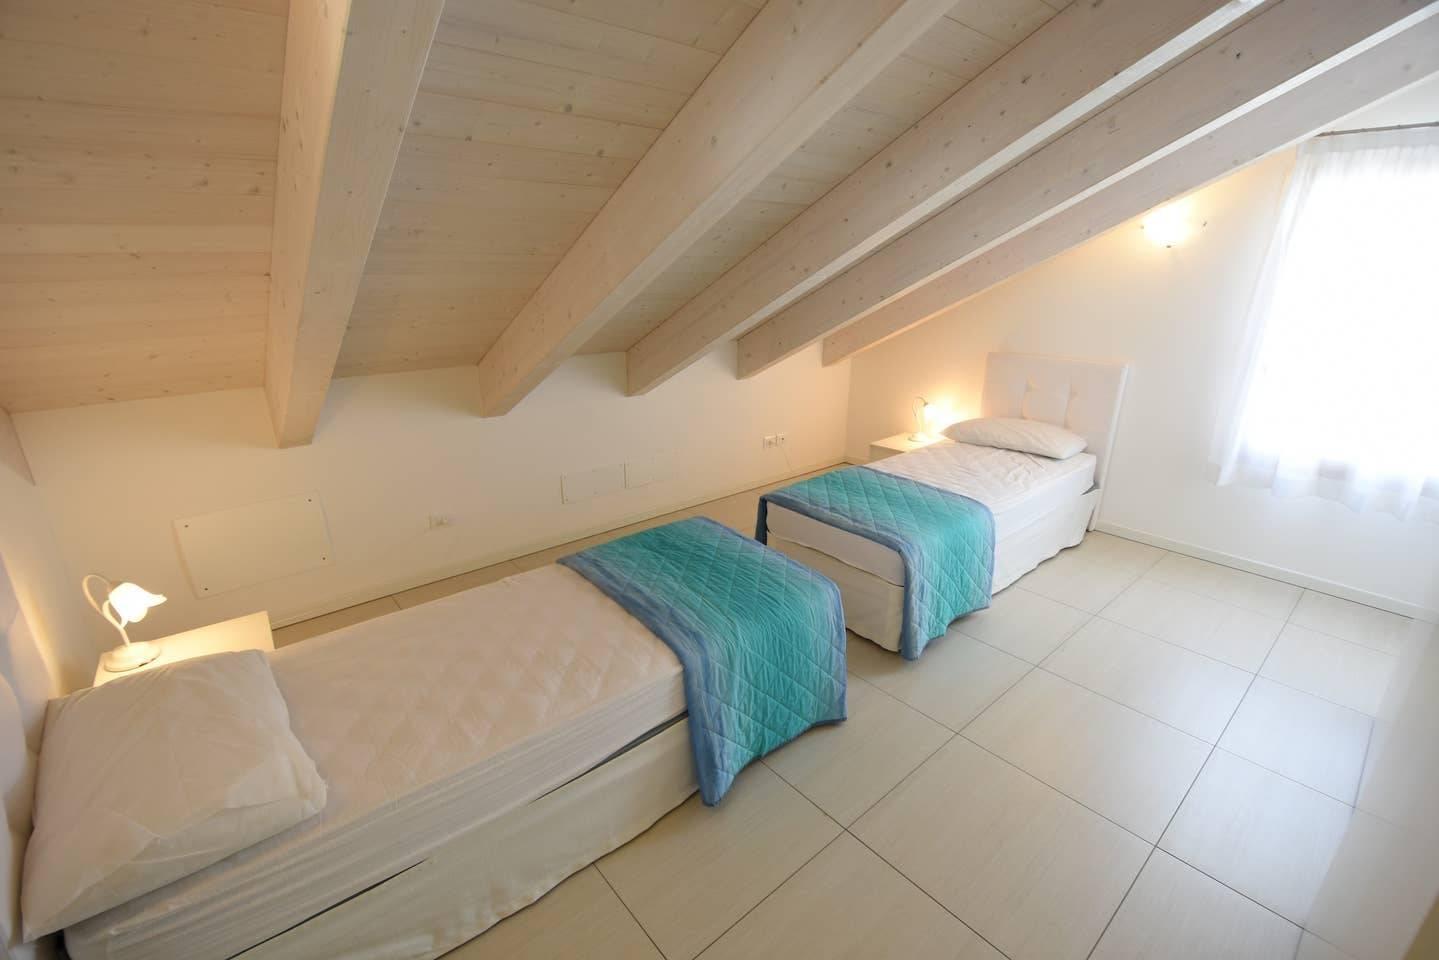 camera-da-letto-residence-ulivi-jesolo-434295470